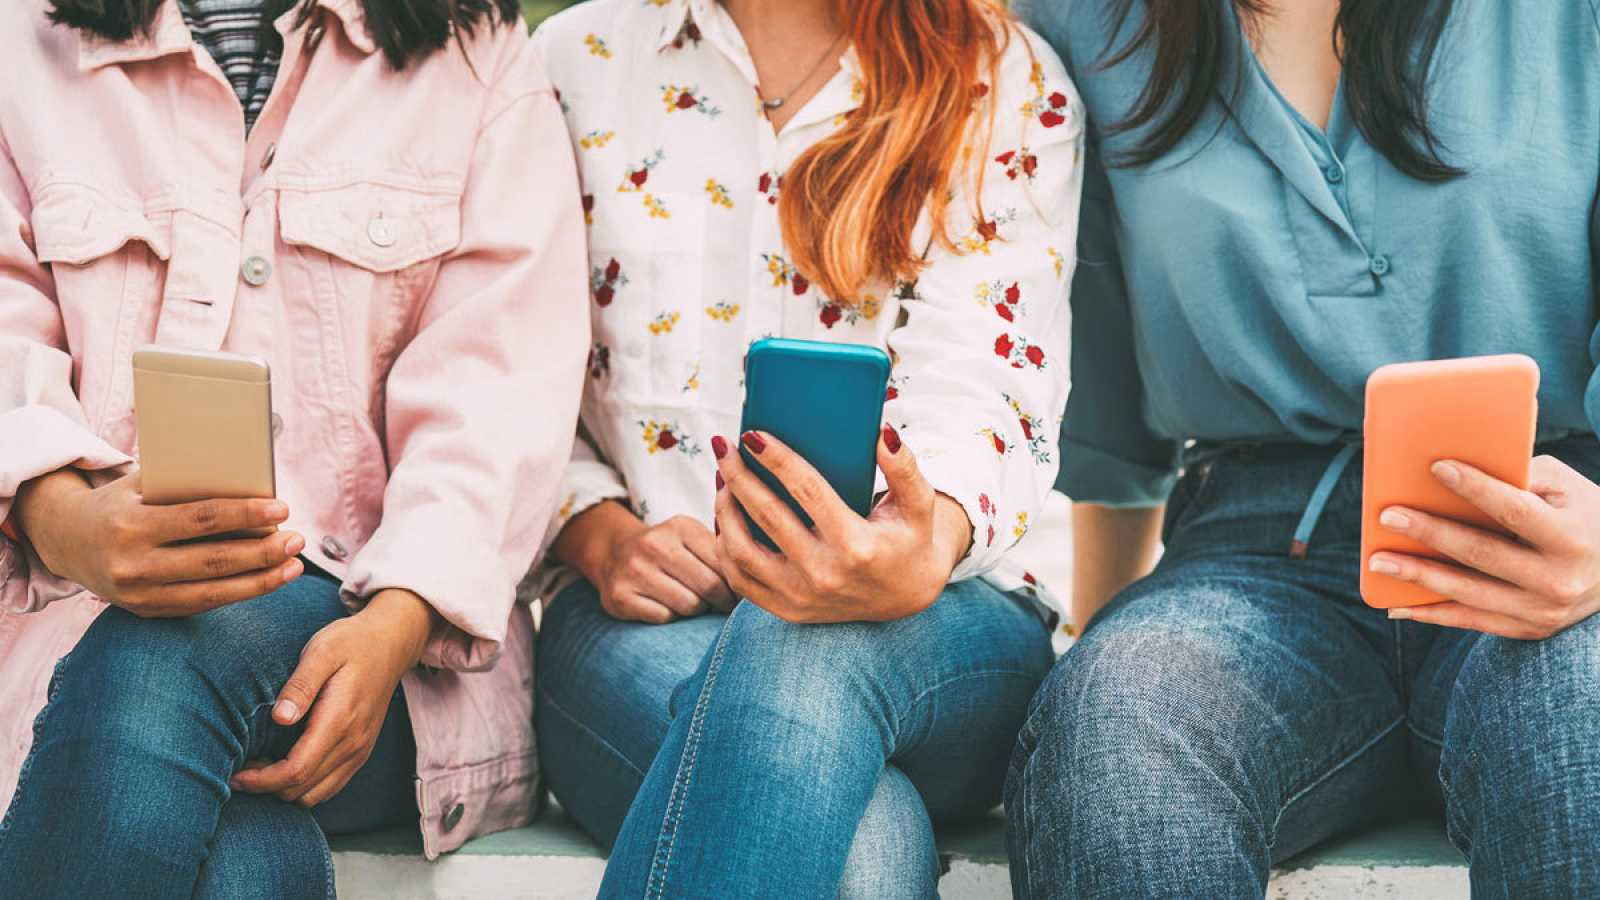 Navegar por internet es la principal actividad de ocio para el 75% de los jóvenes españoles